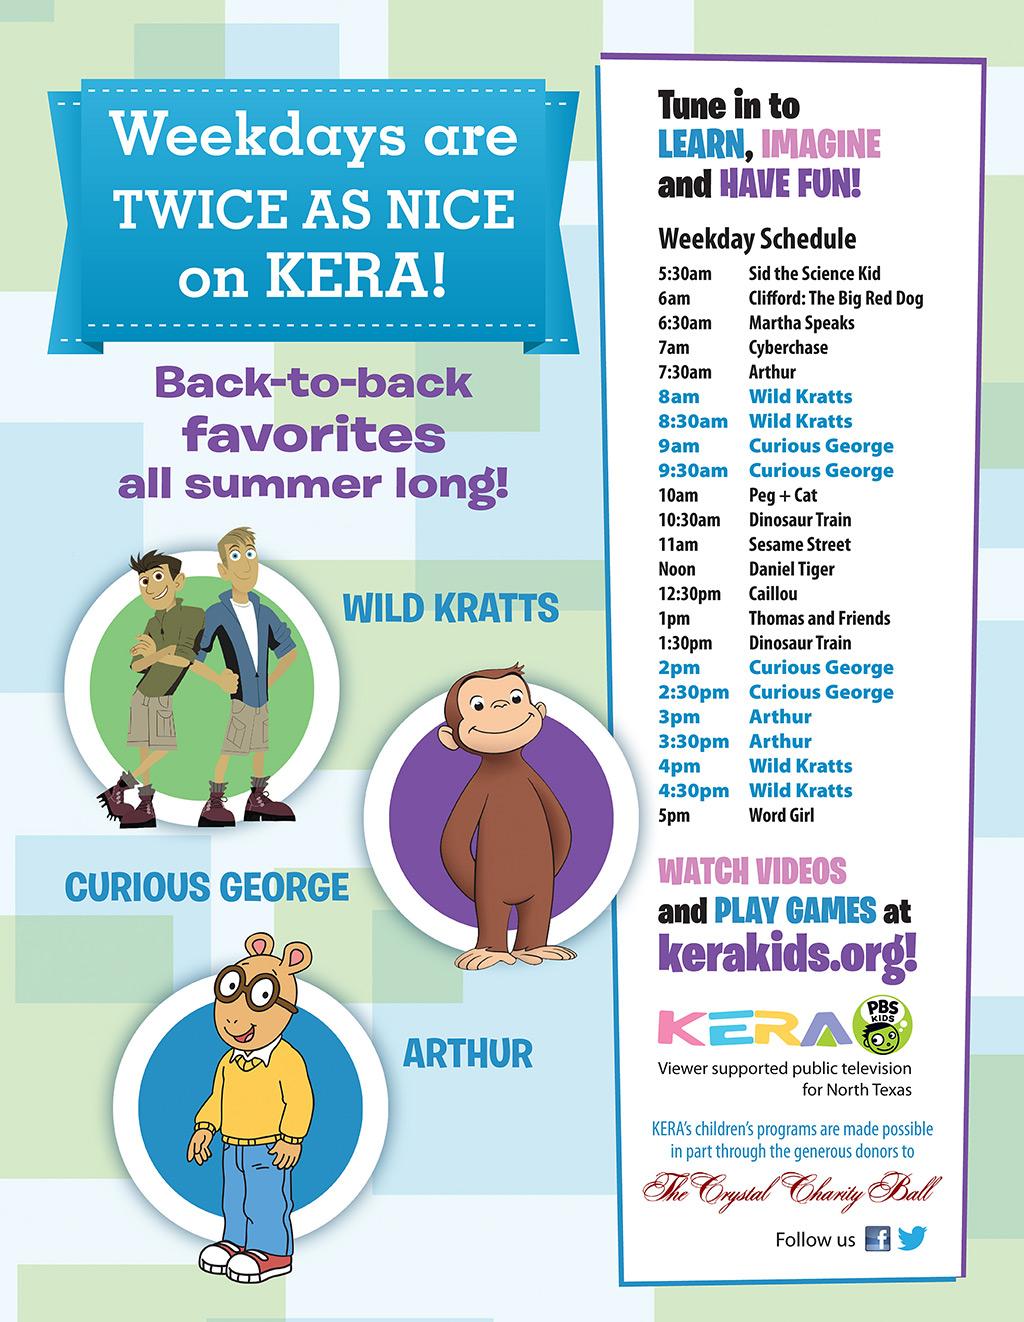 KERA Summer 2014 Kids Television Schedule